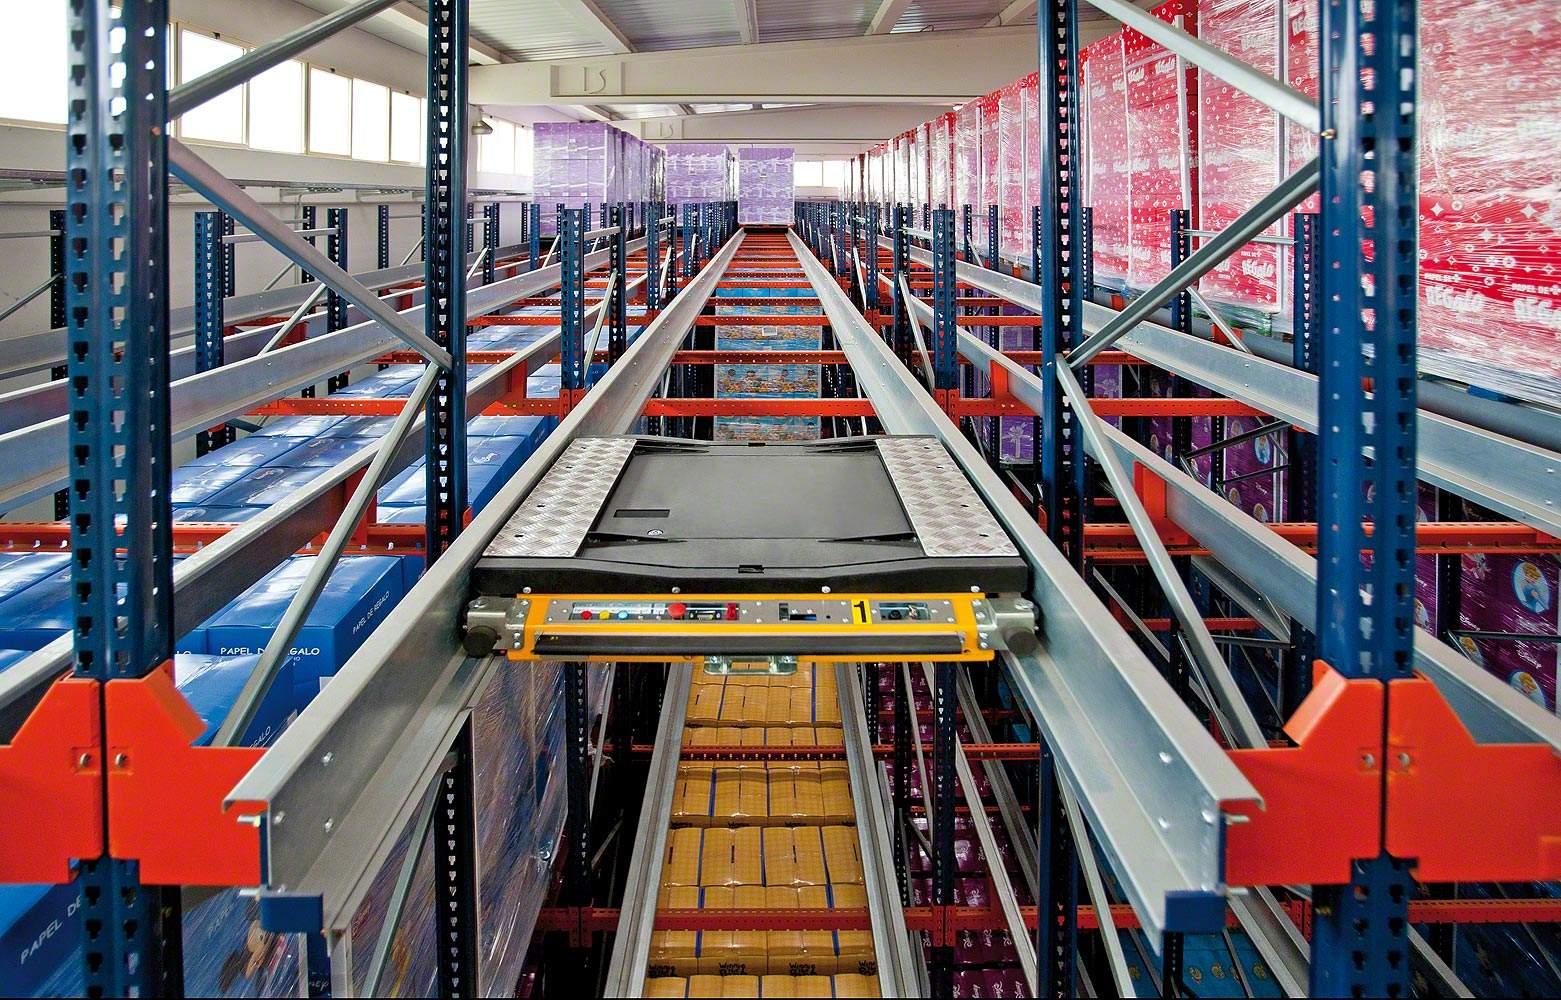 穿梭货架工作原理效果和字母车配合仓库作业